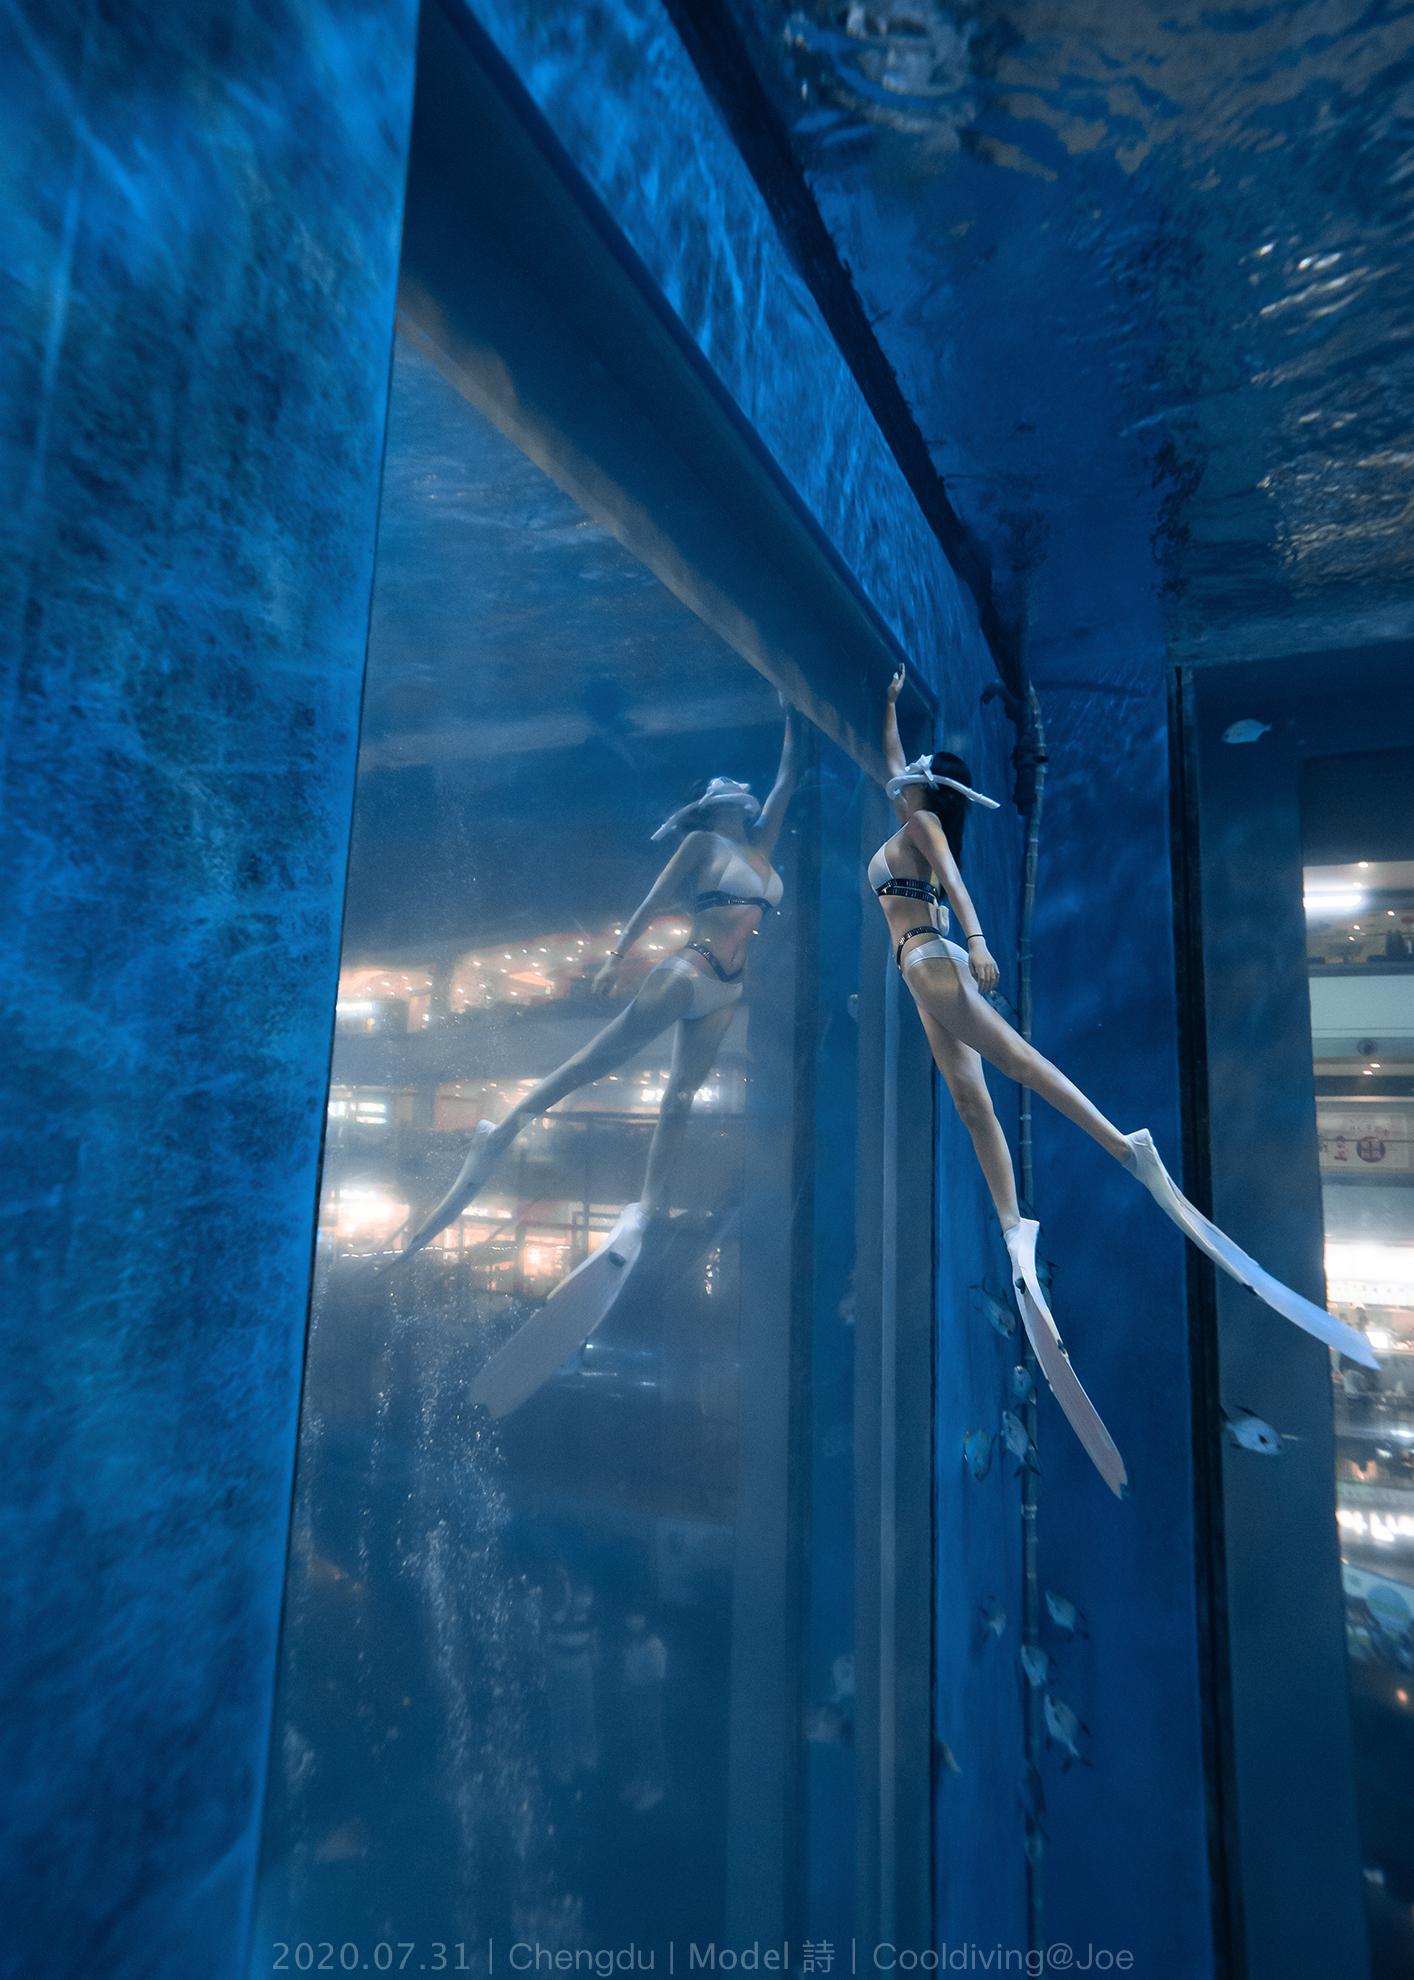 7.31成都自由潜拍摄 Model 诗